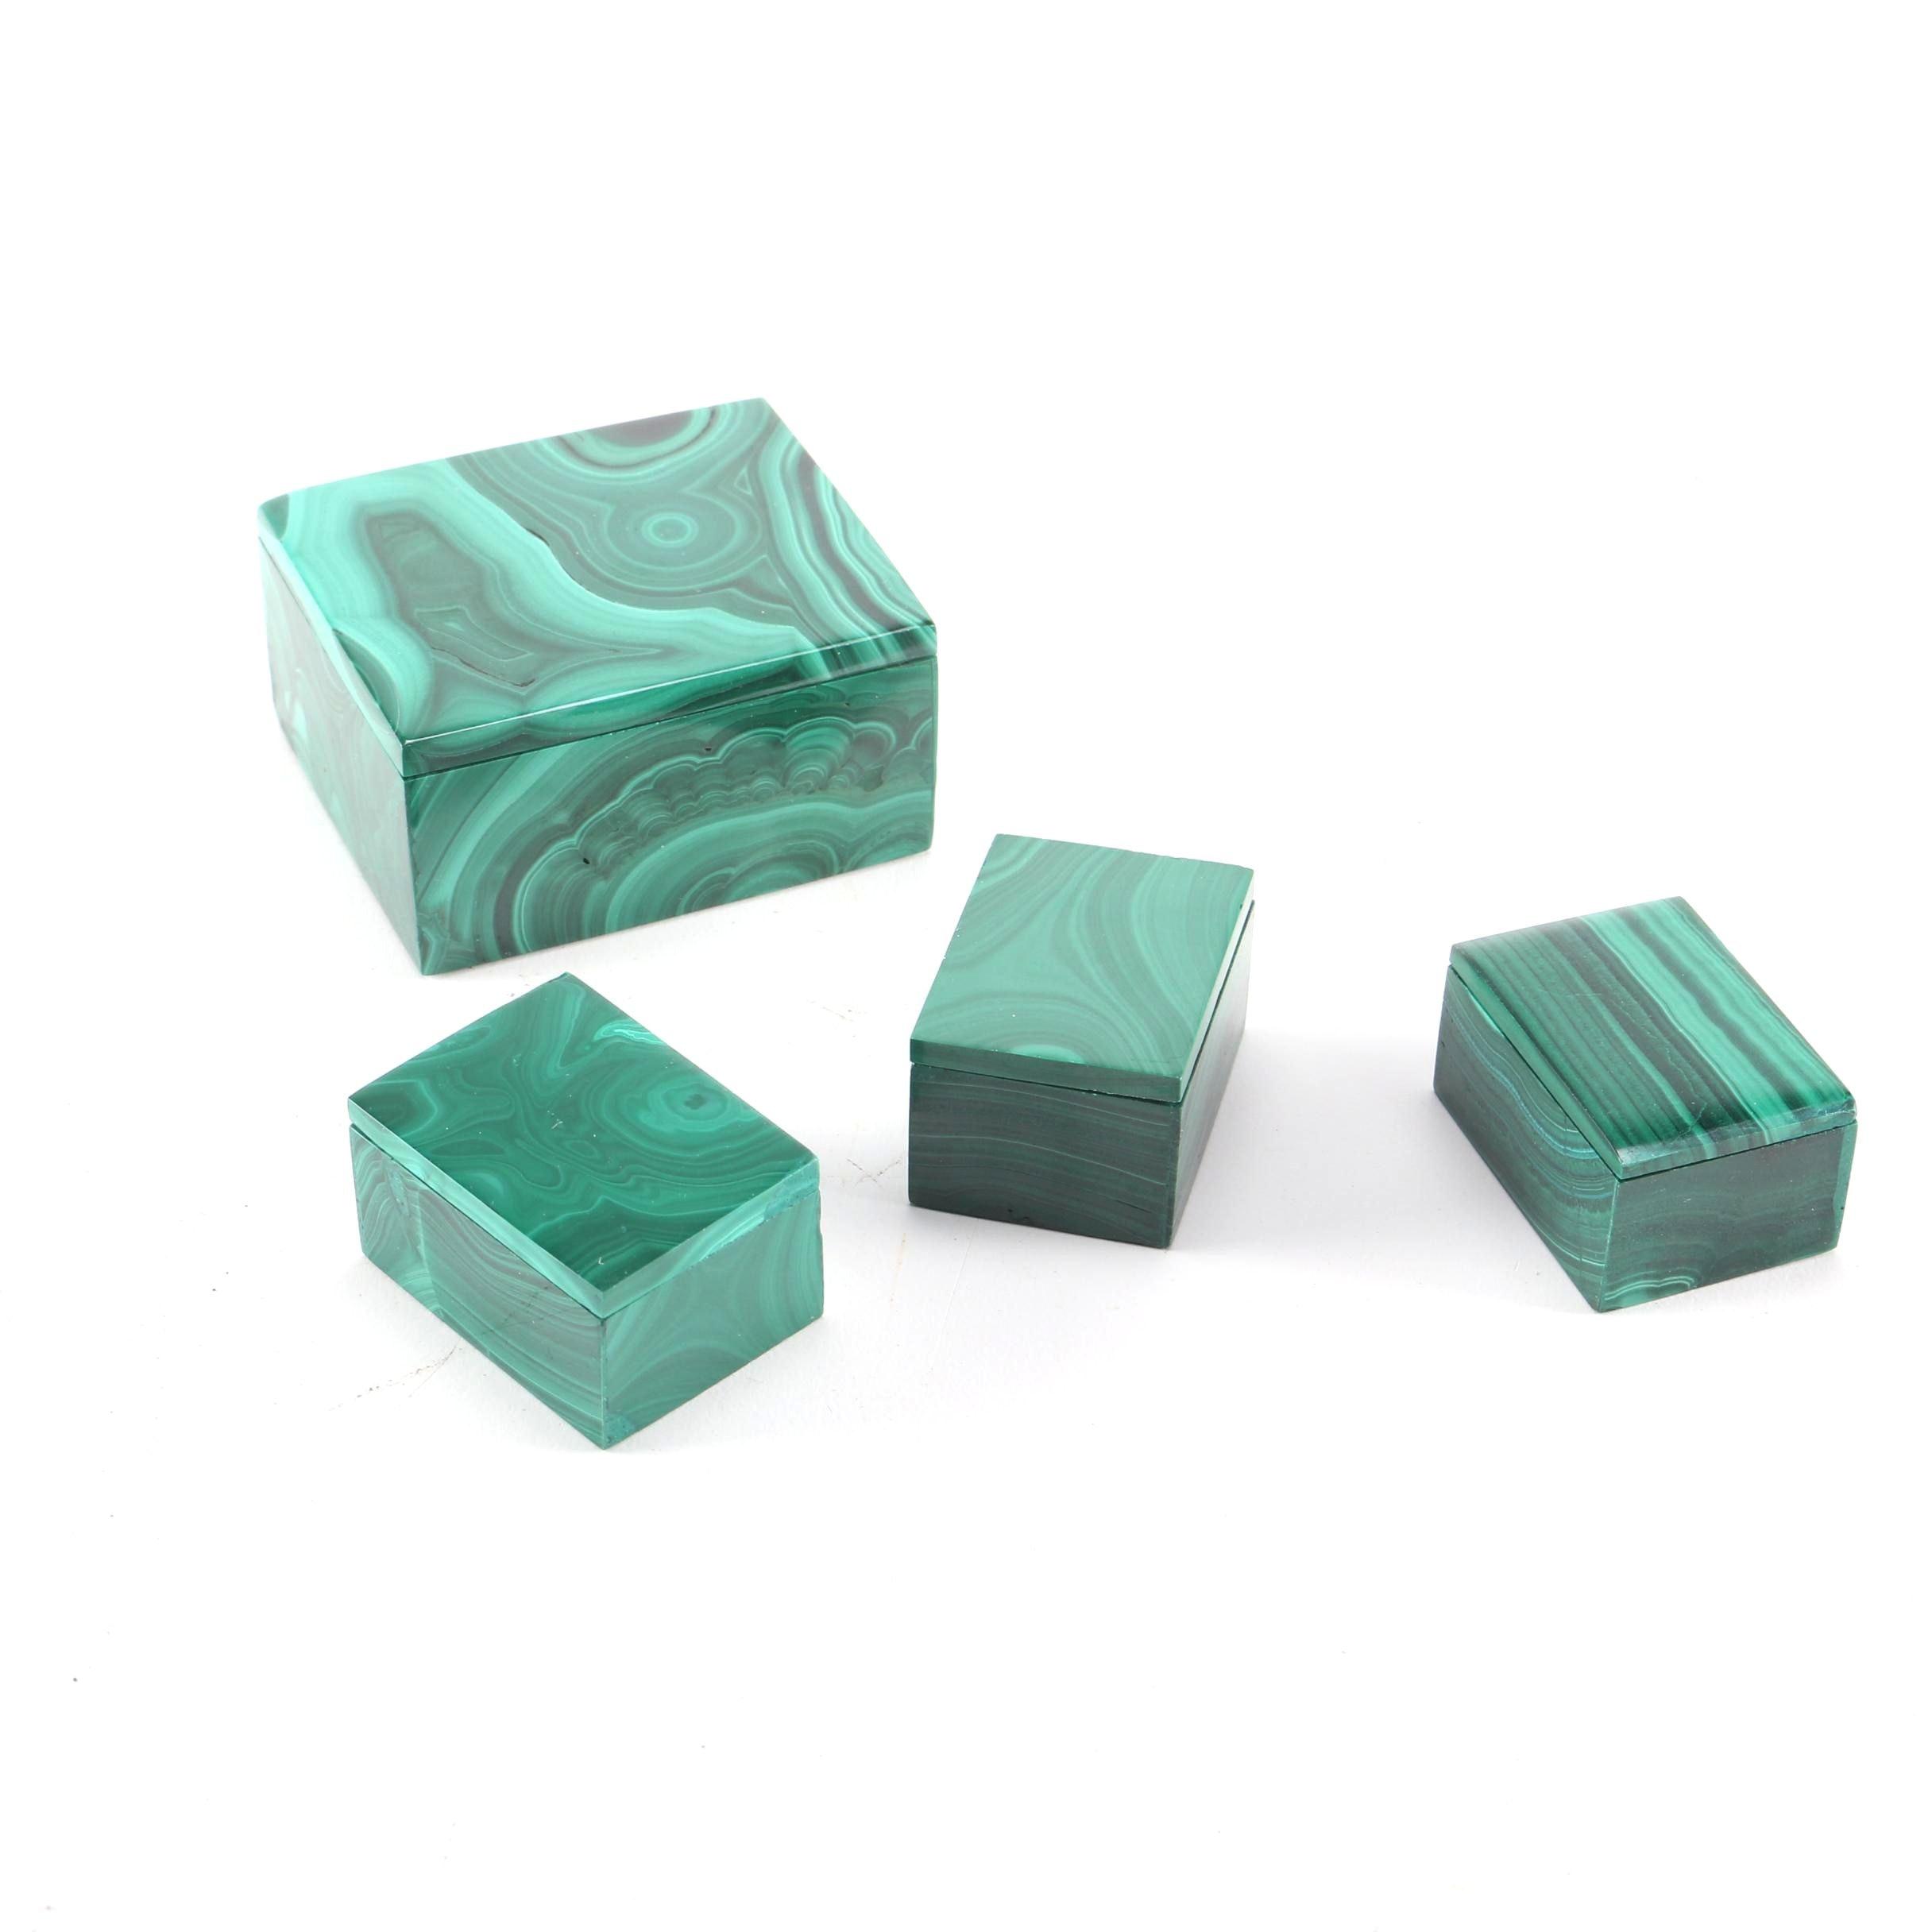 Malachite Trinket Boxes